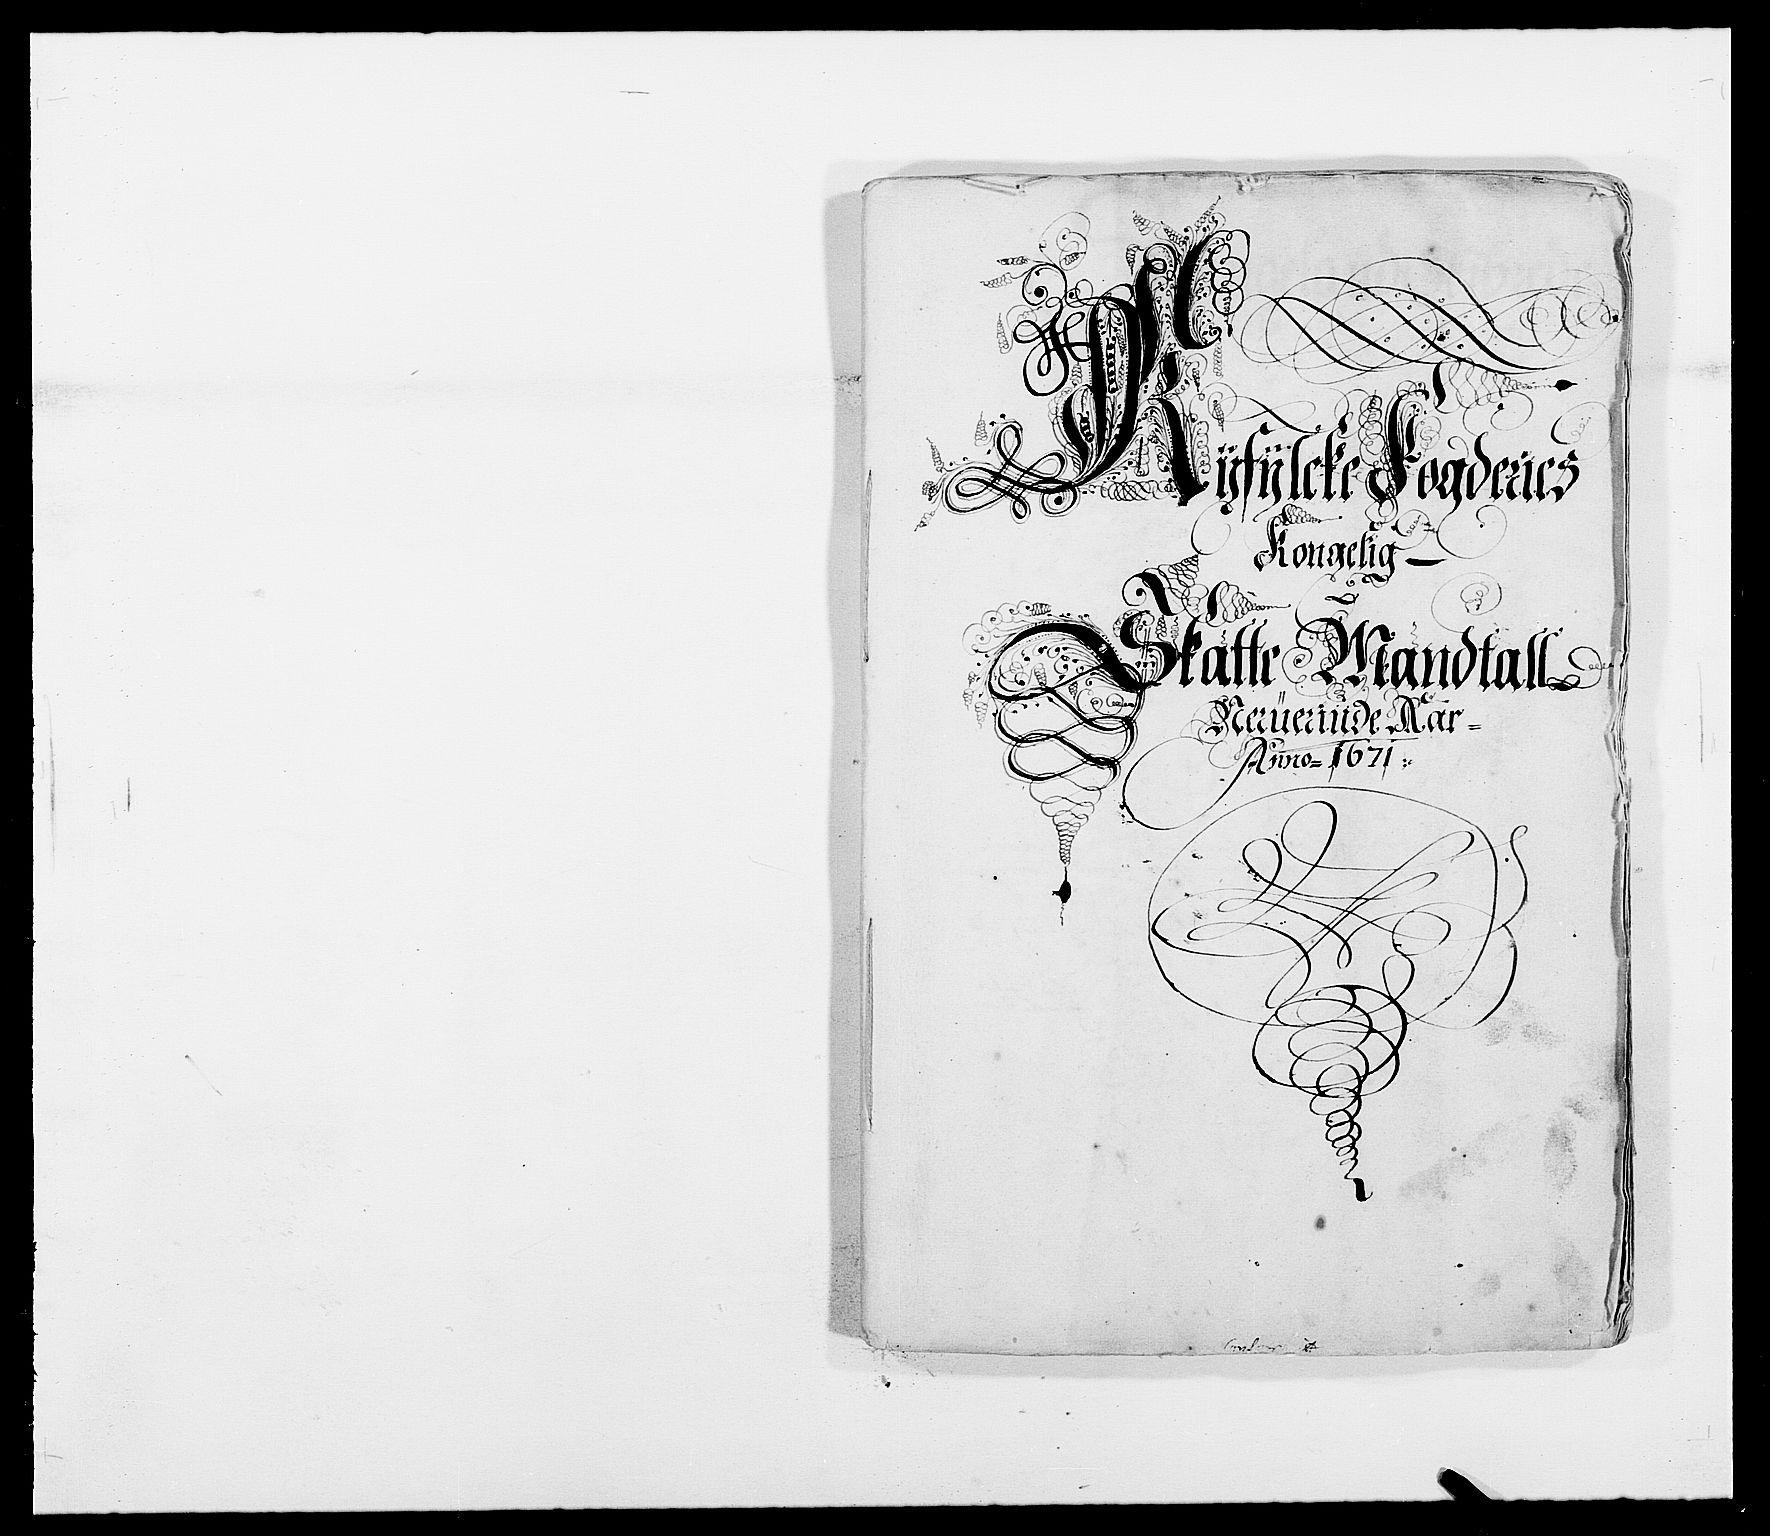 RA, Rentekammeret inntil 1814, Reviderte regnskaper, Fogderegnskap, R47/L2843: Fogderegnskap Ryfylke, 1670-1671, s. 382